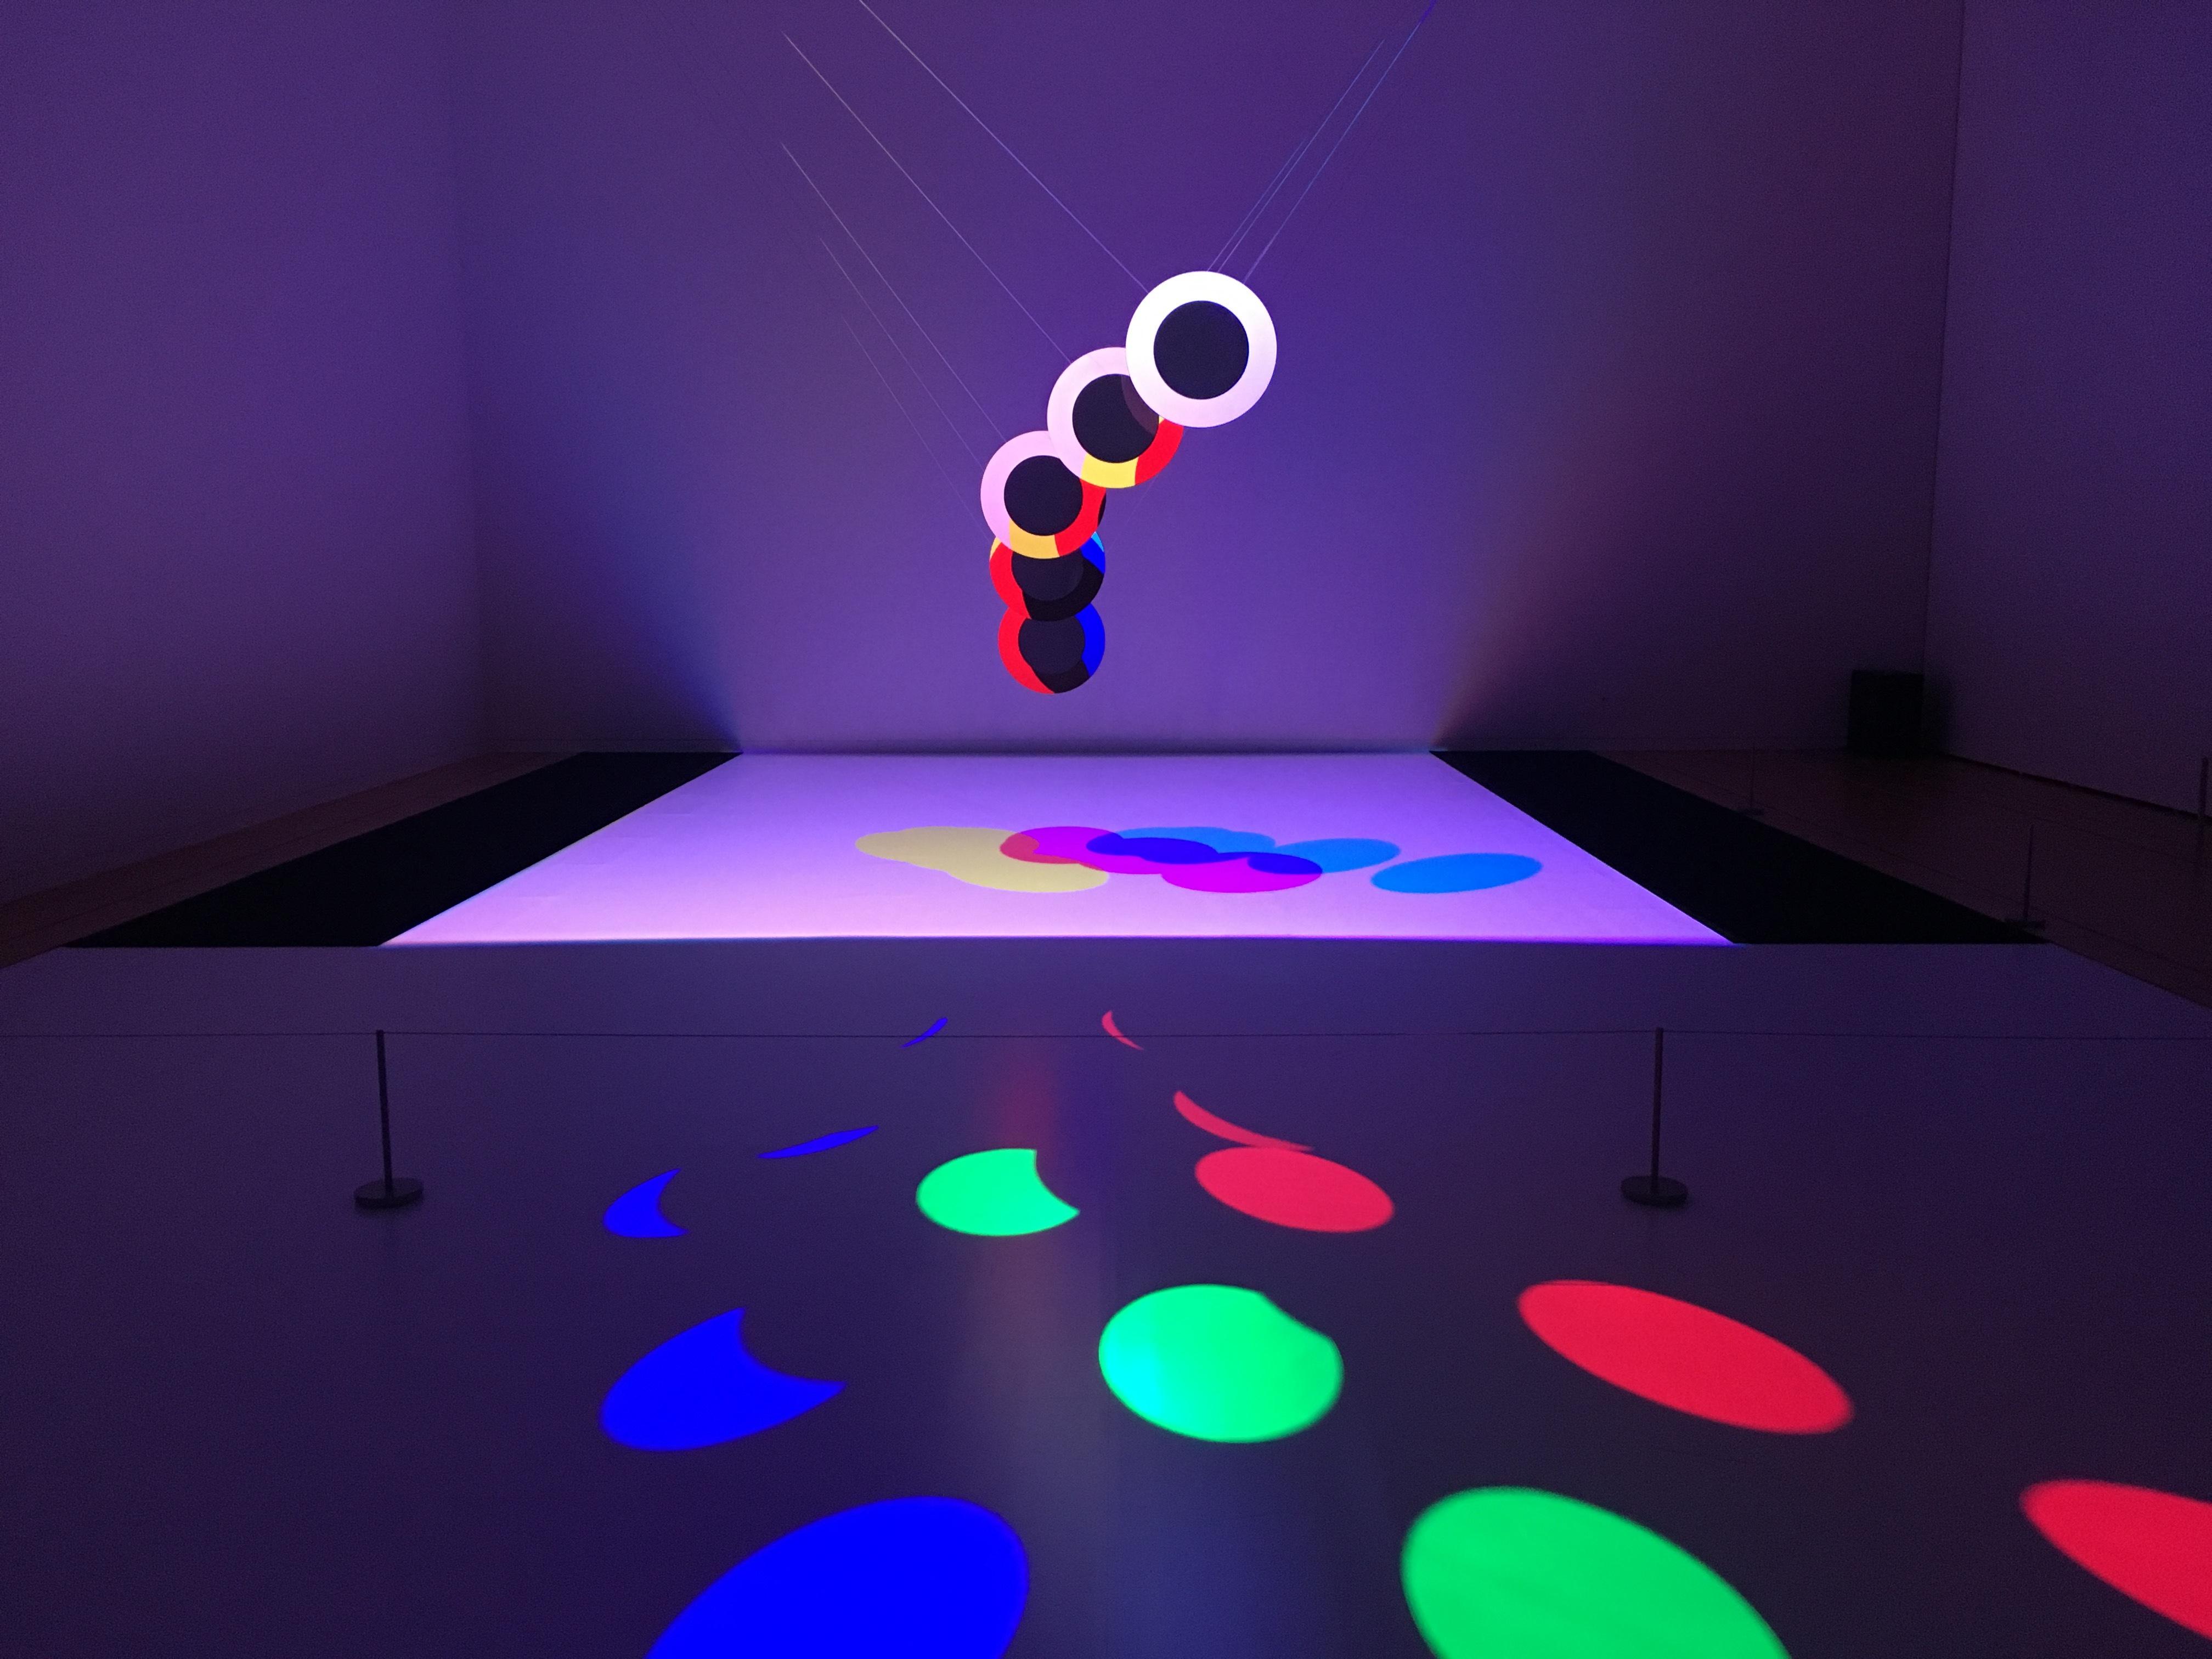 アート+コム/ライゾマティクスリサーチ 光と動きの「ポエティクス/ストラクチャー」